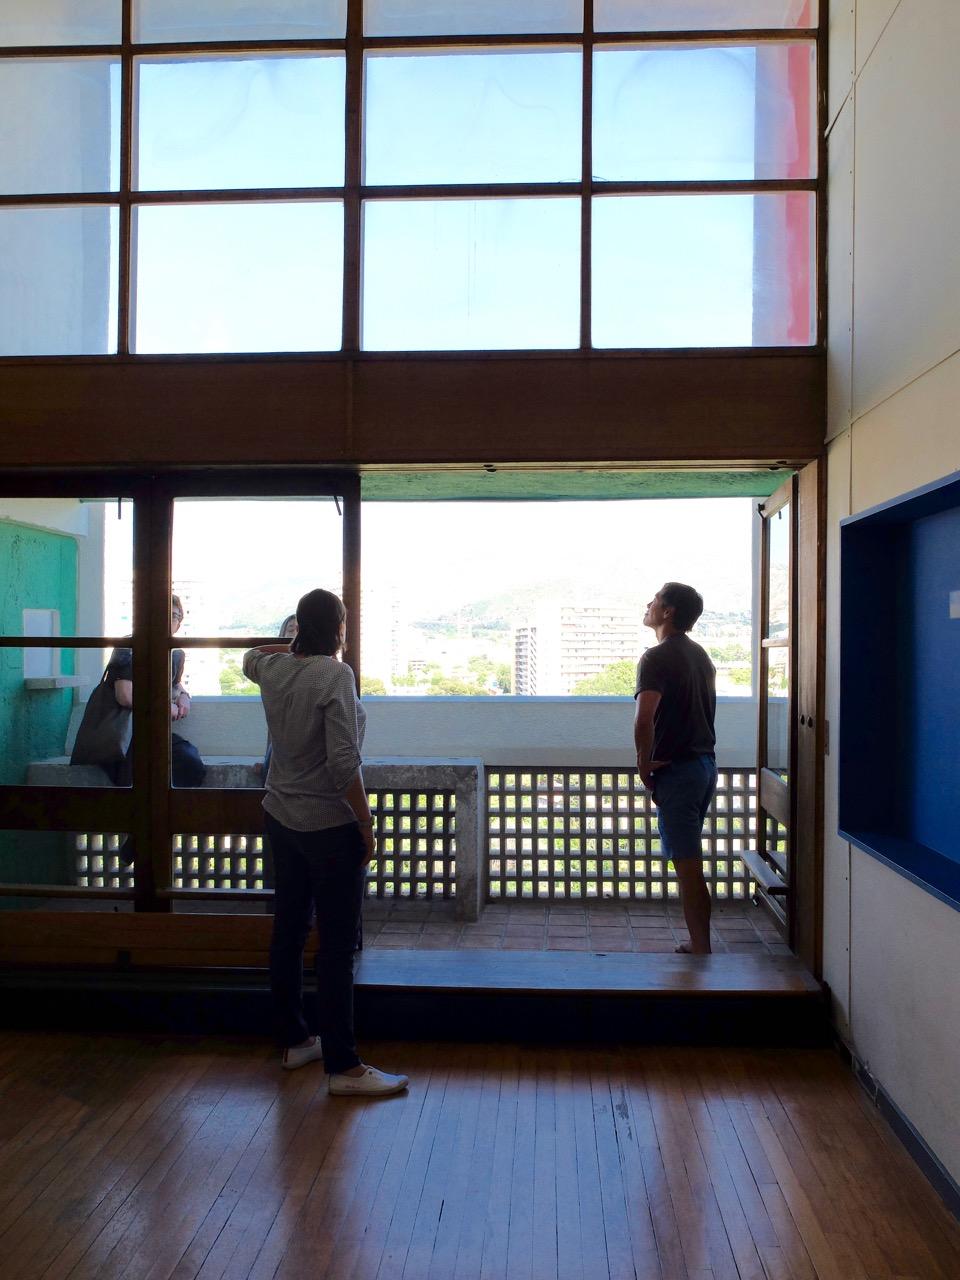 marseille-architecture-cite-radieuse-corbusier-apartment